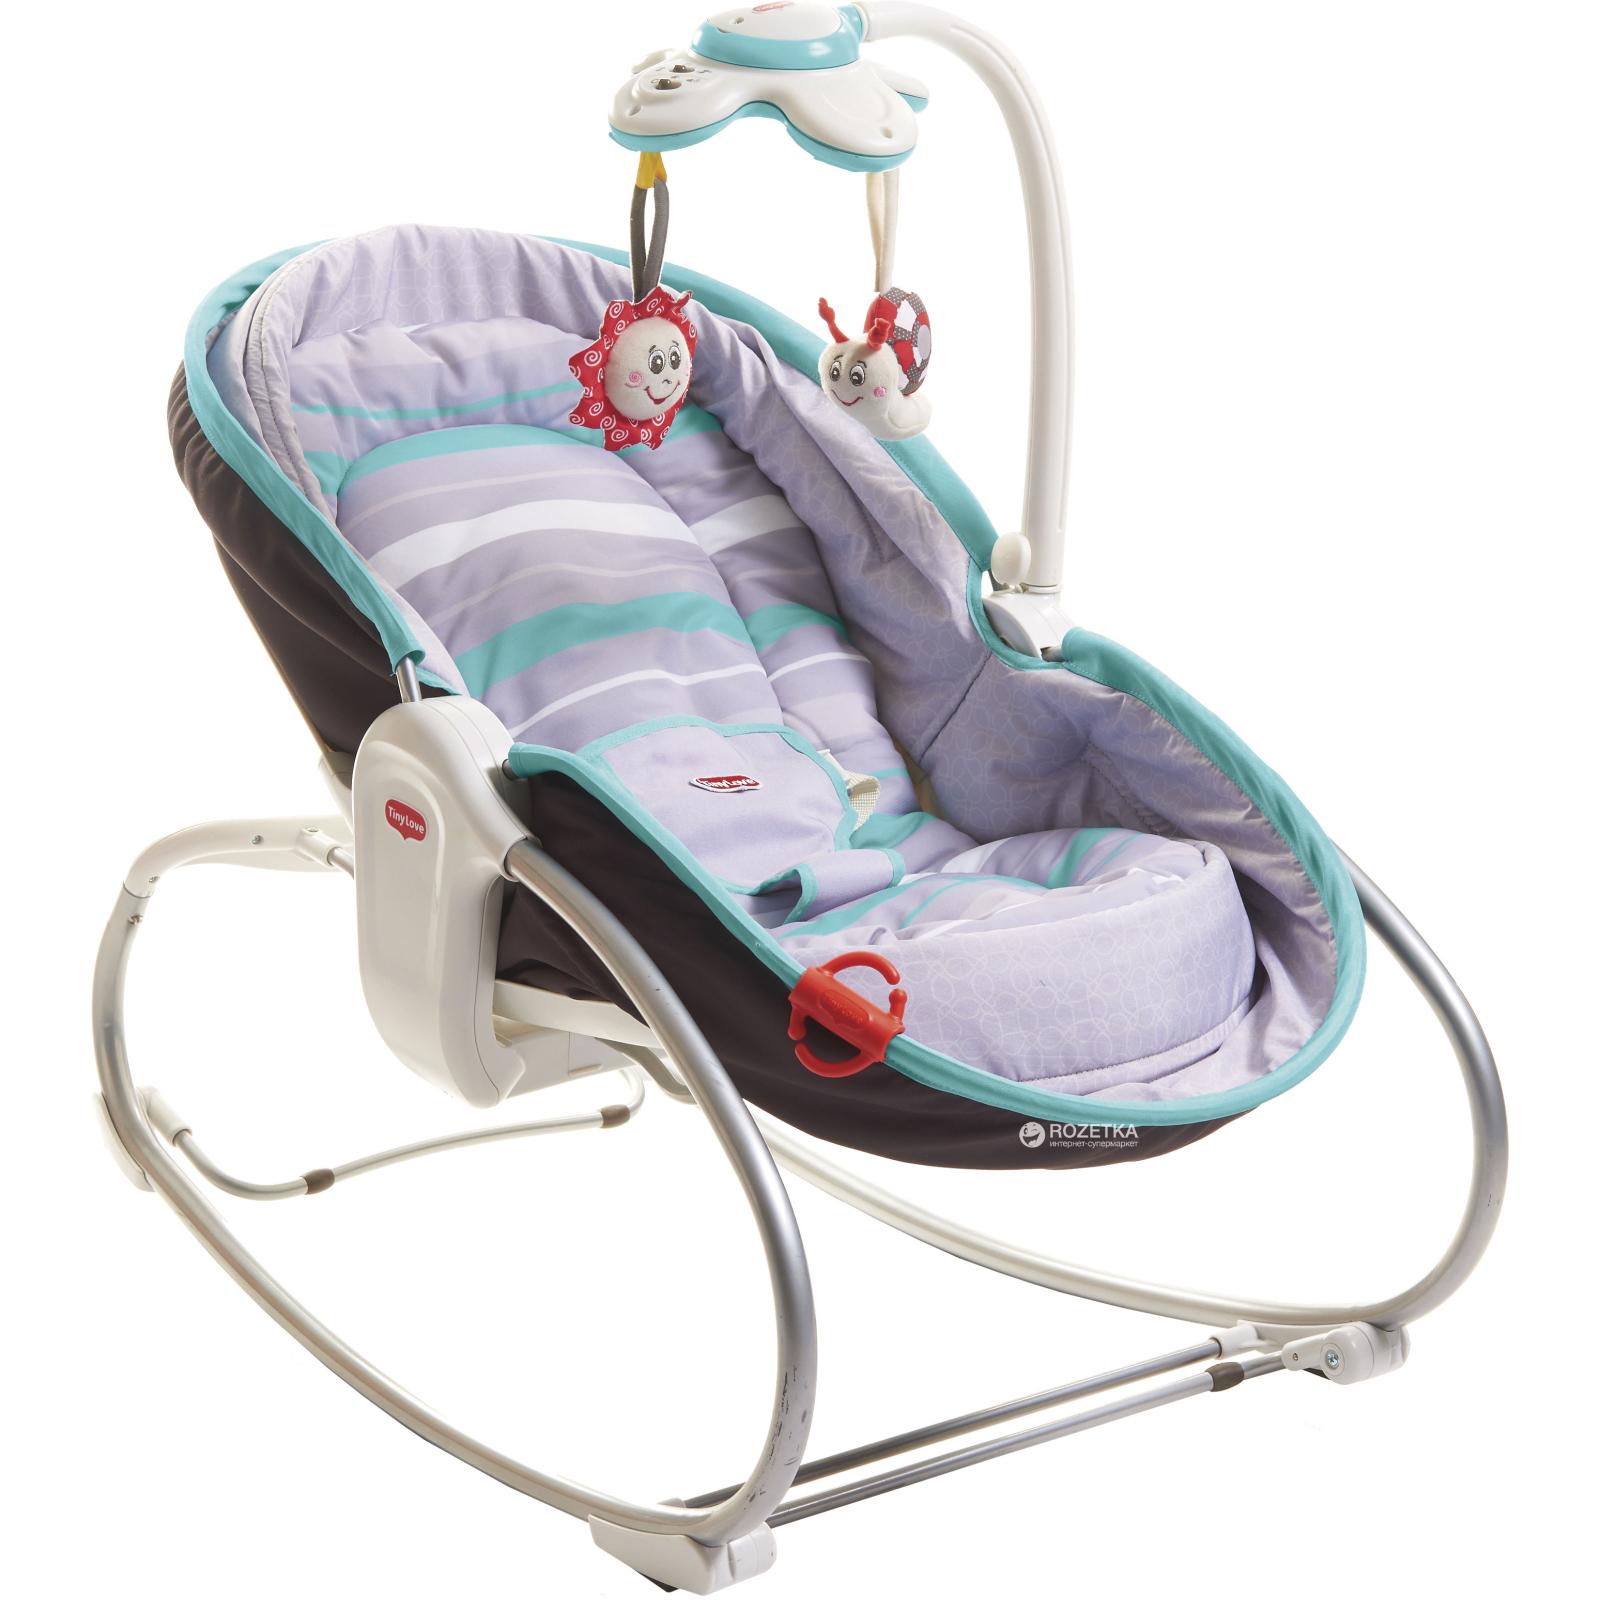 Кресло-качалка Tiny Love 3 в 1 Мамина любовь серо-бирюзовый (1802606130)